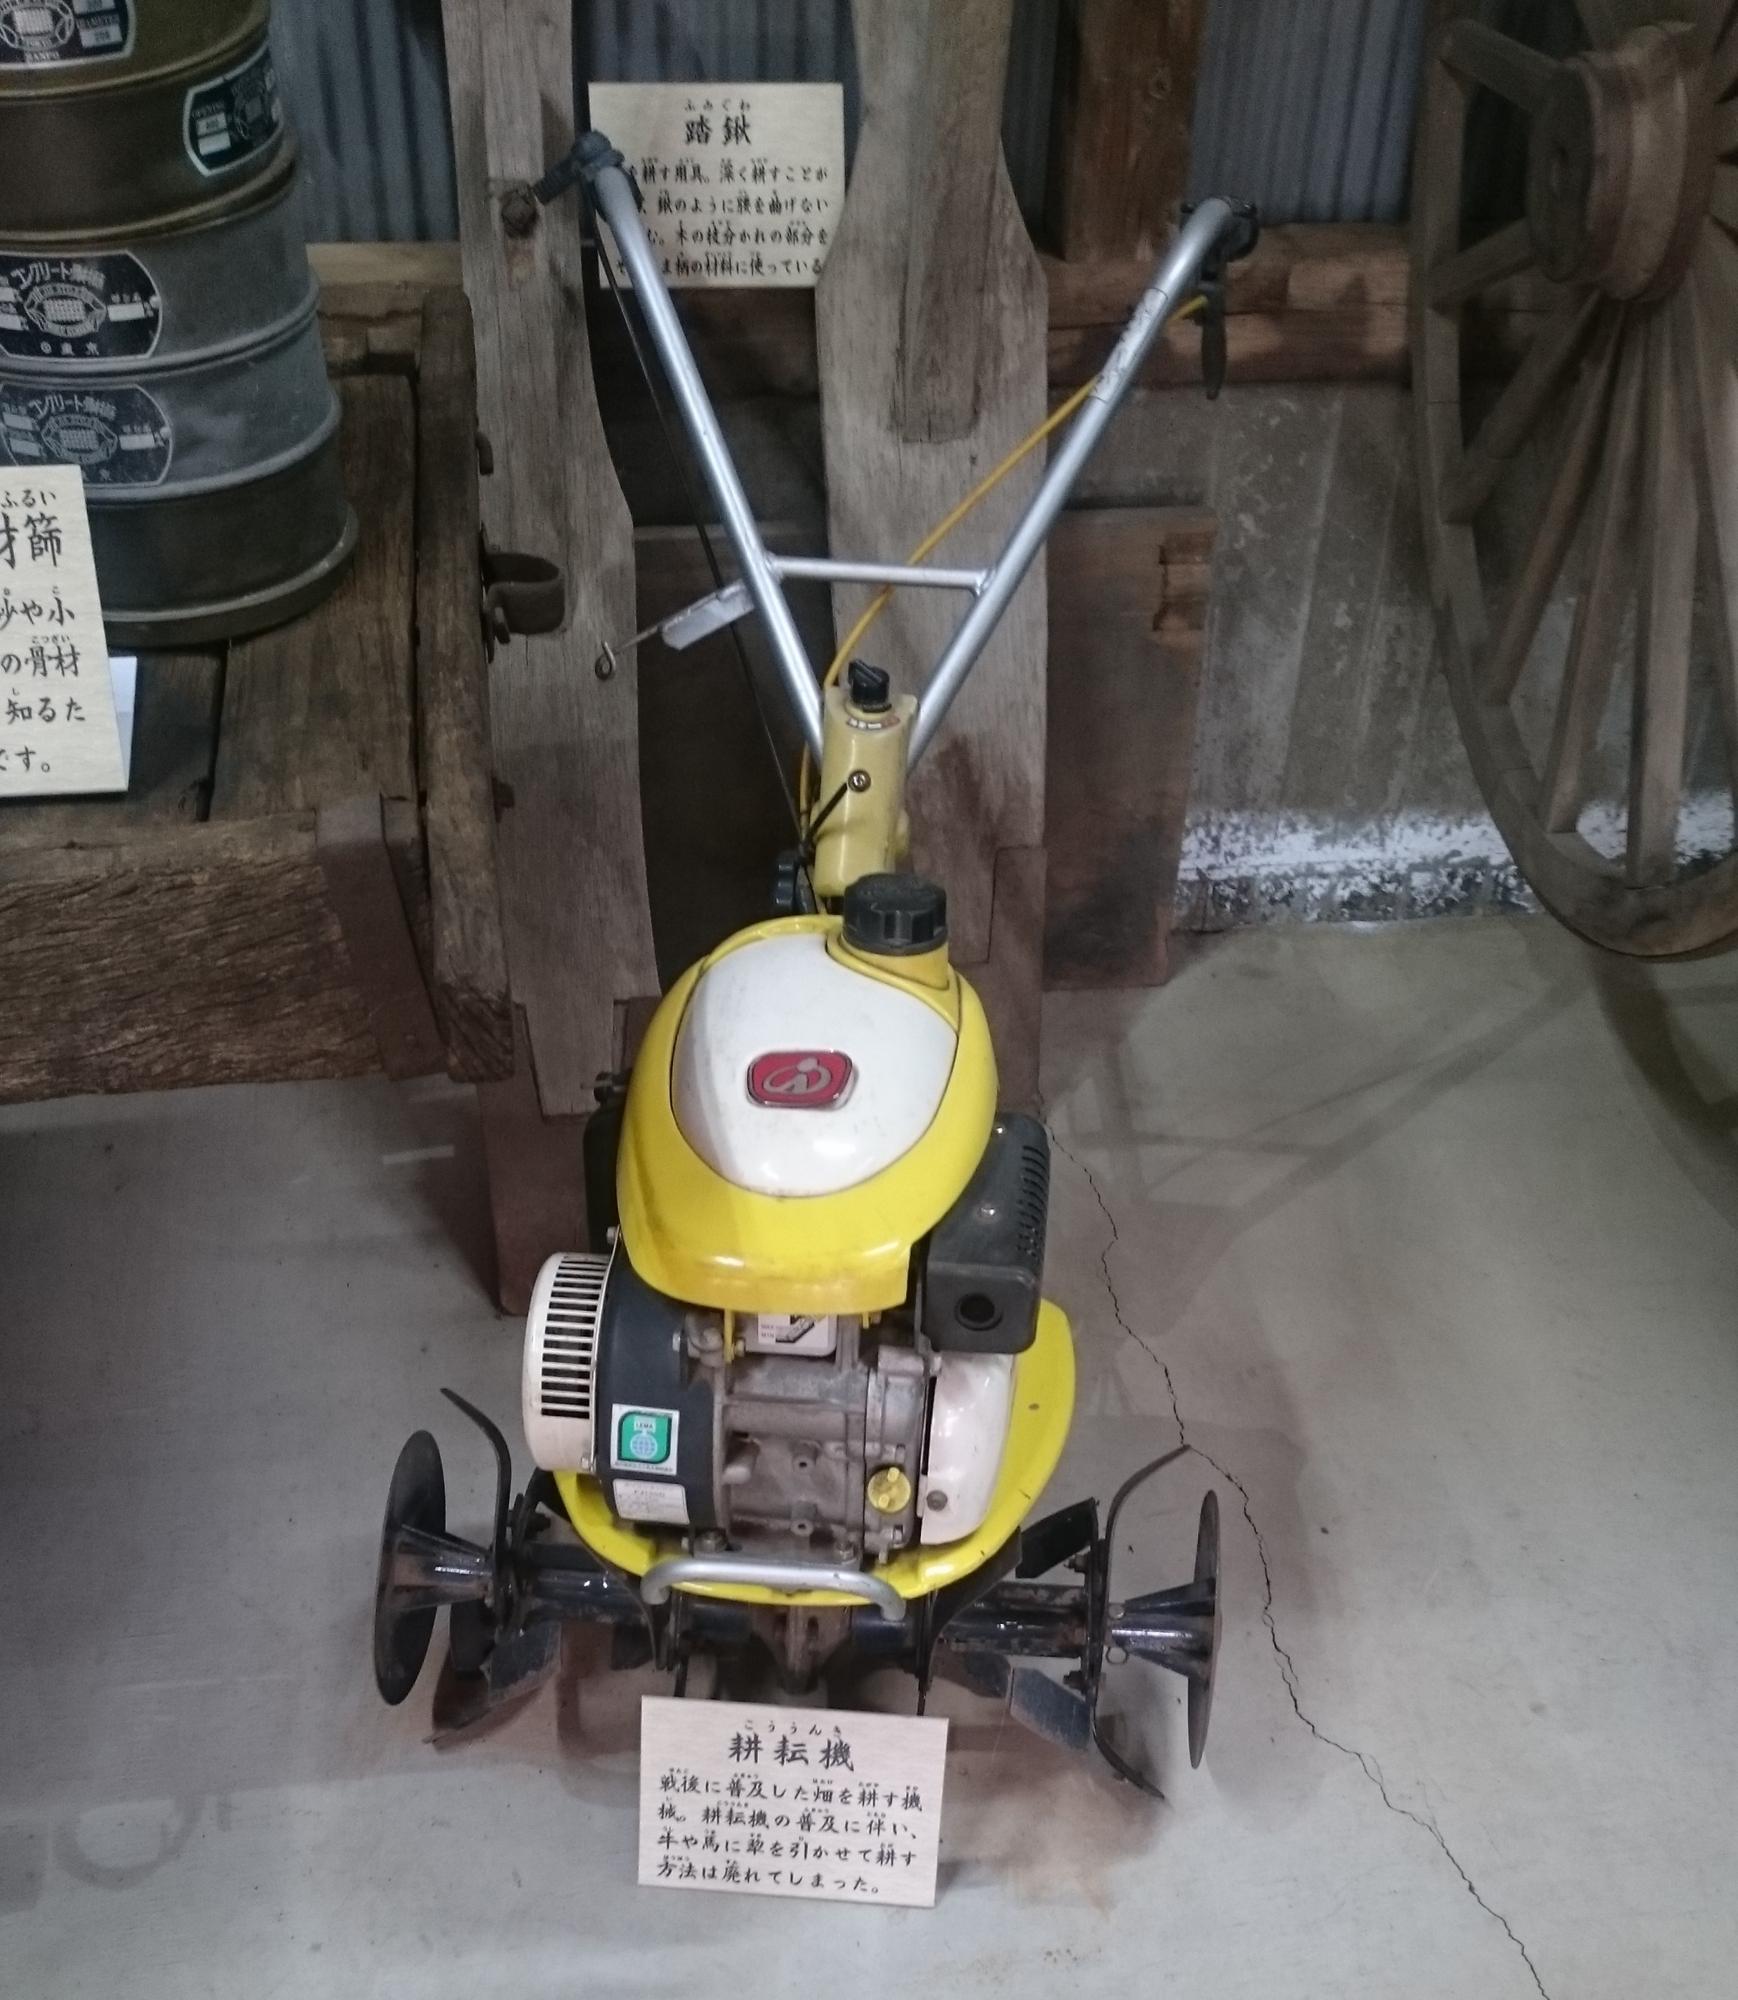 三富今昔村おもしろ館 回転砕土機